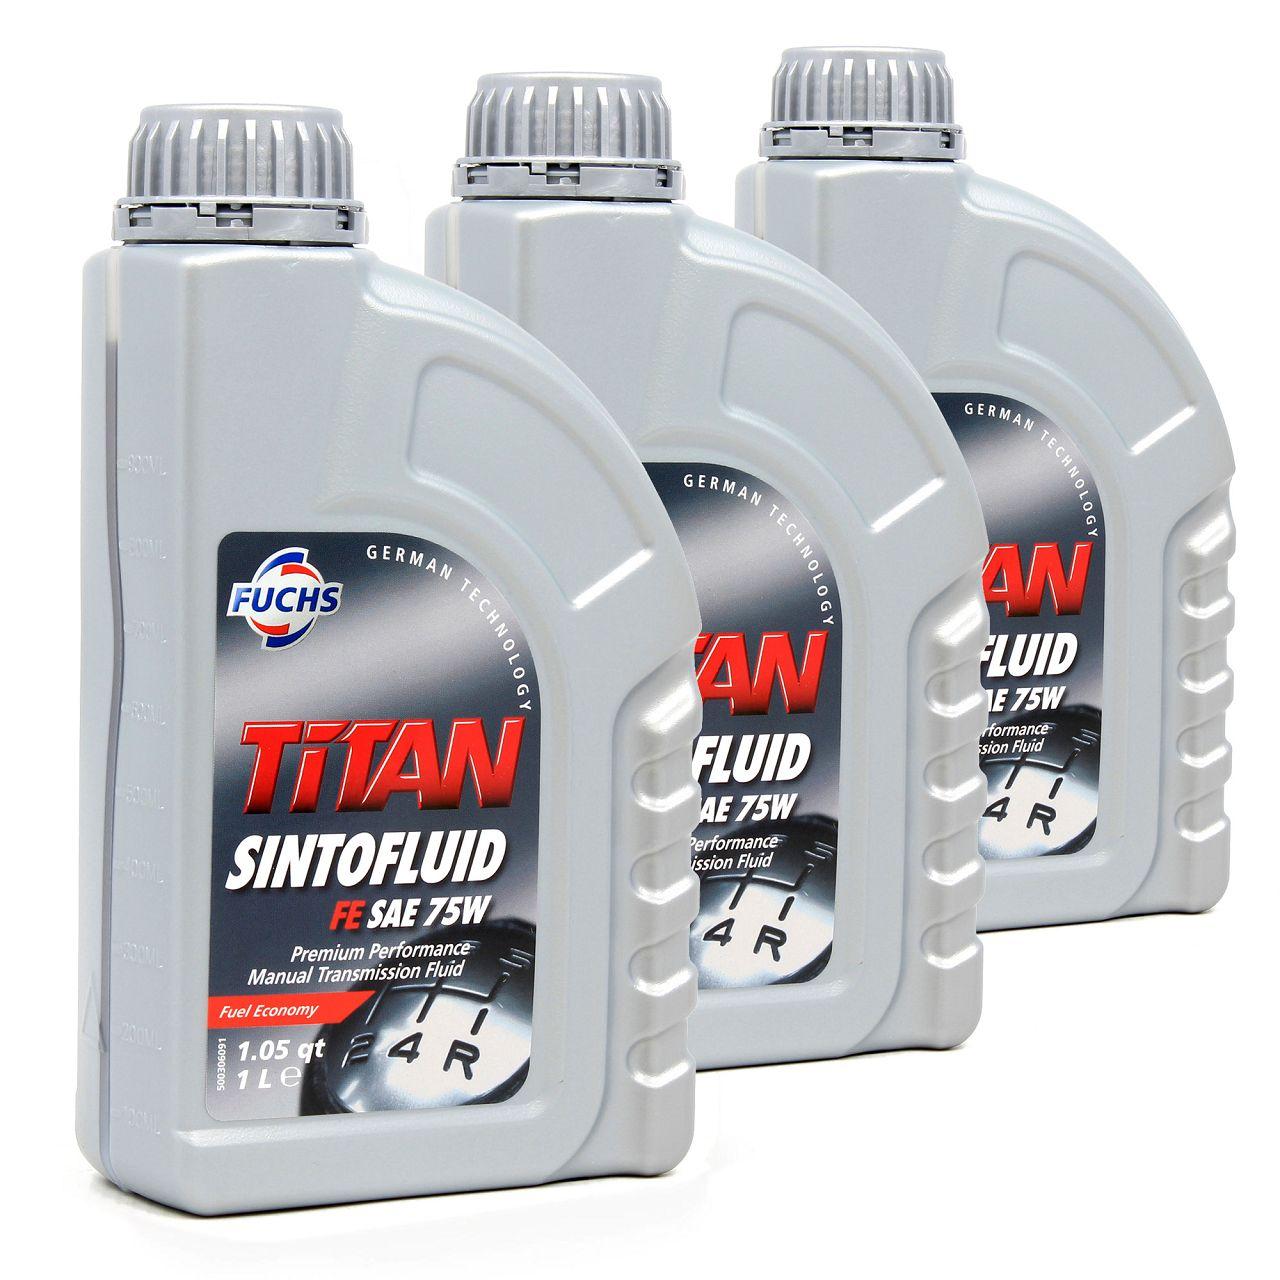 FUCHS Getriebeöl Schaltgetriebeöl TITAN Sintofluid FE SAE 75W API GL-4 - 3 Liter